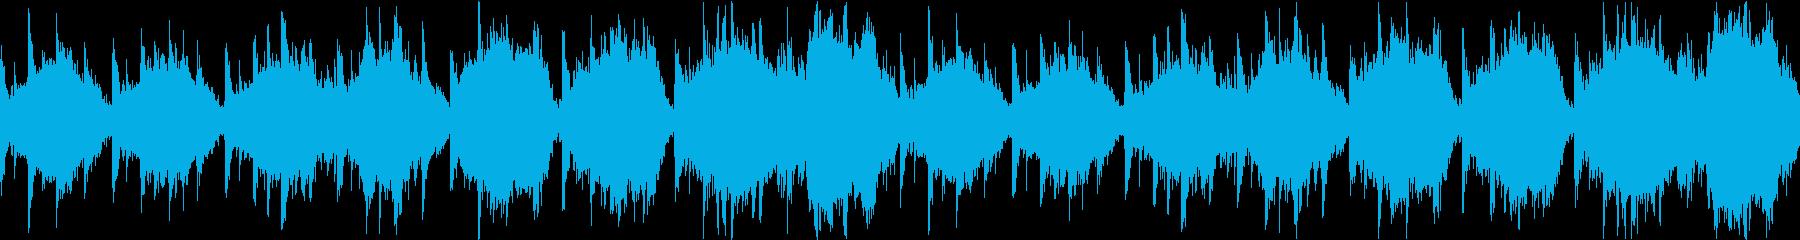 感動系宇宙っぽいエピックサウンドの再生済みの波形